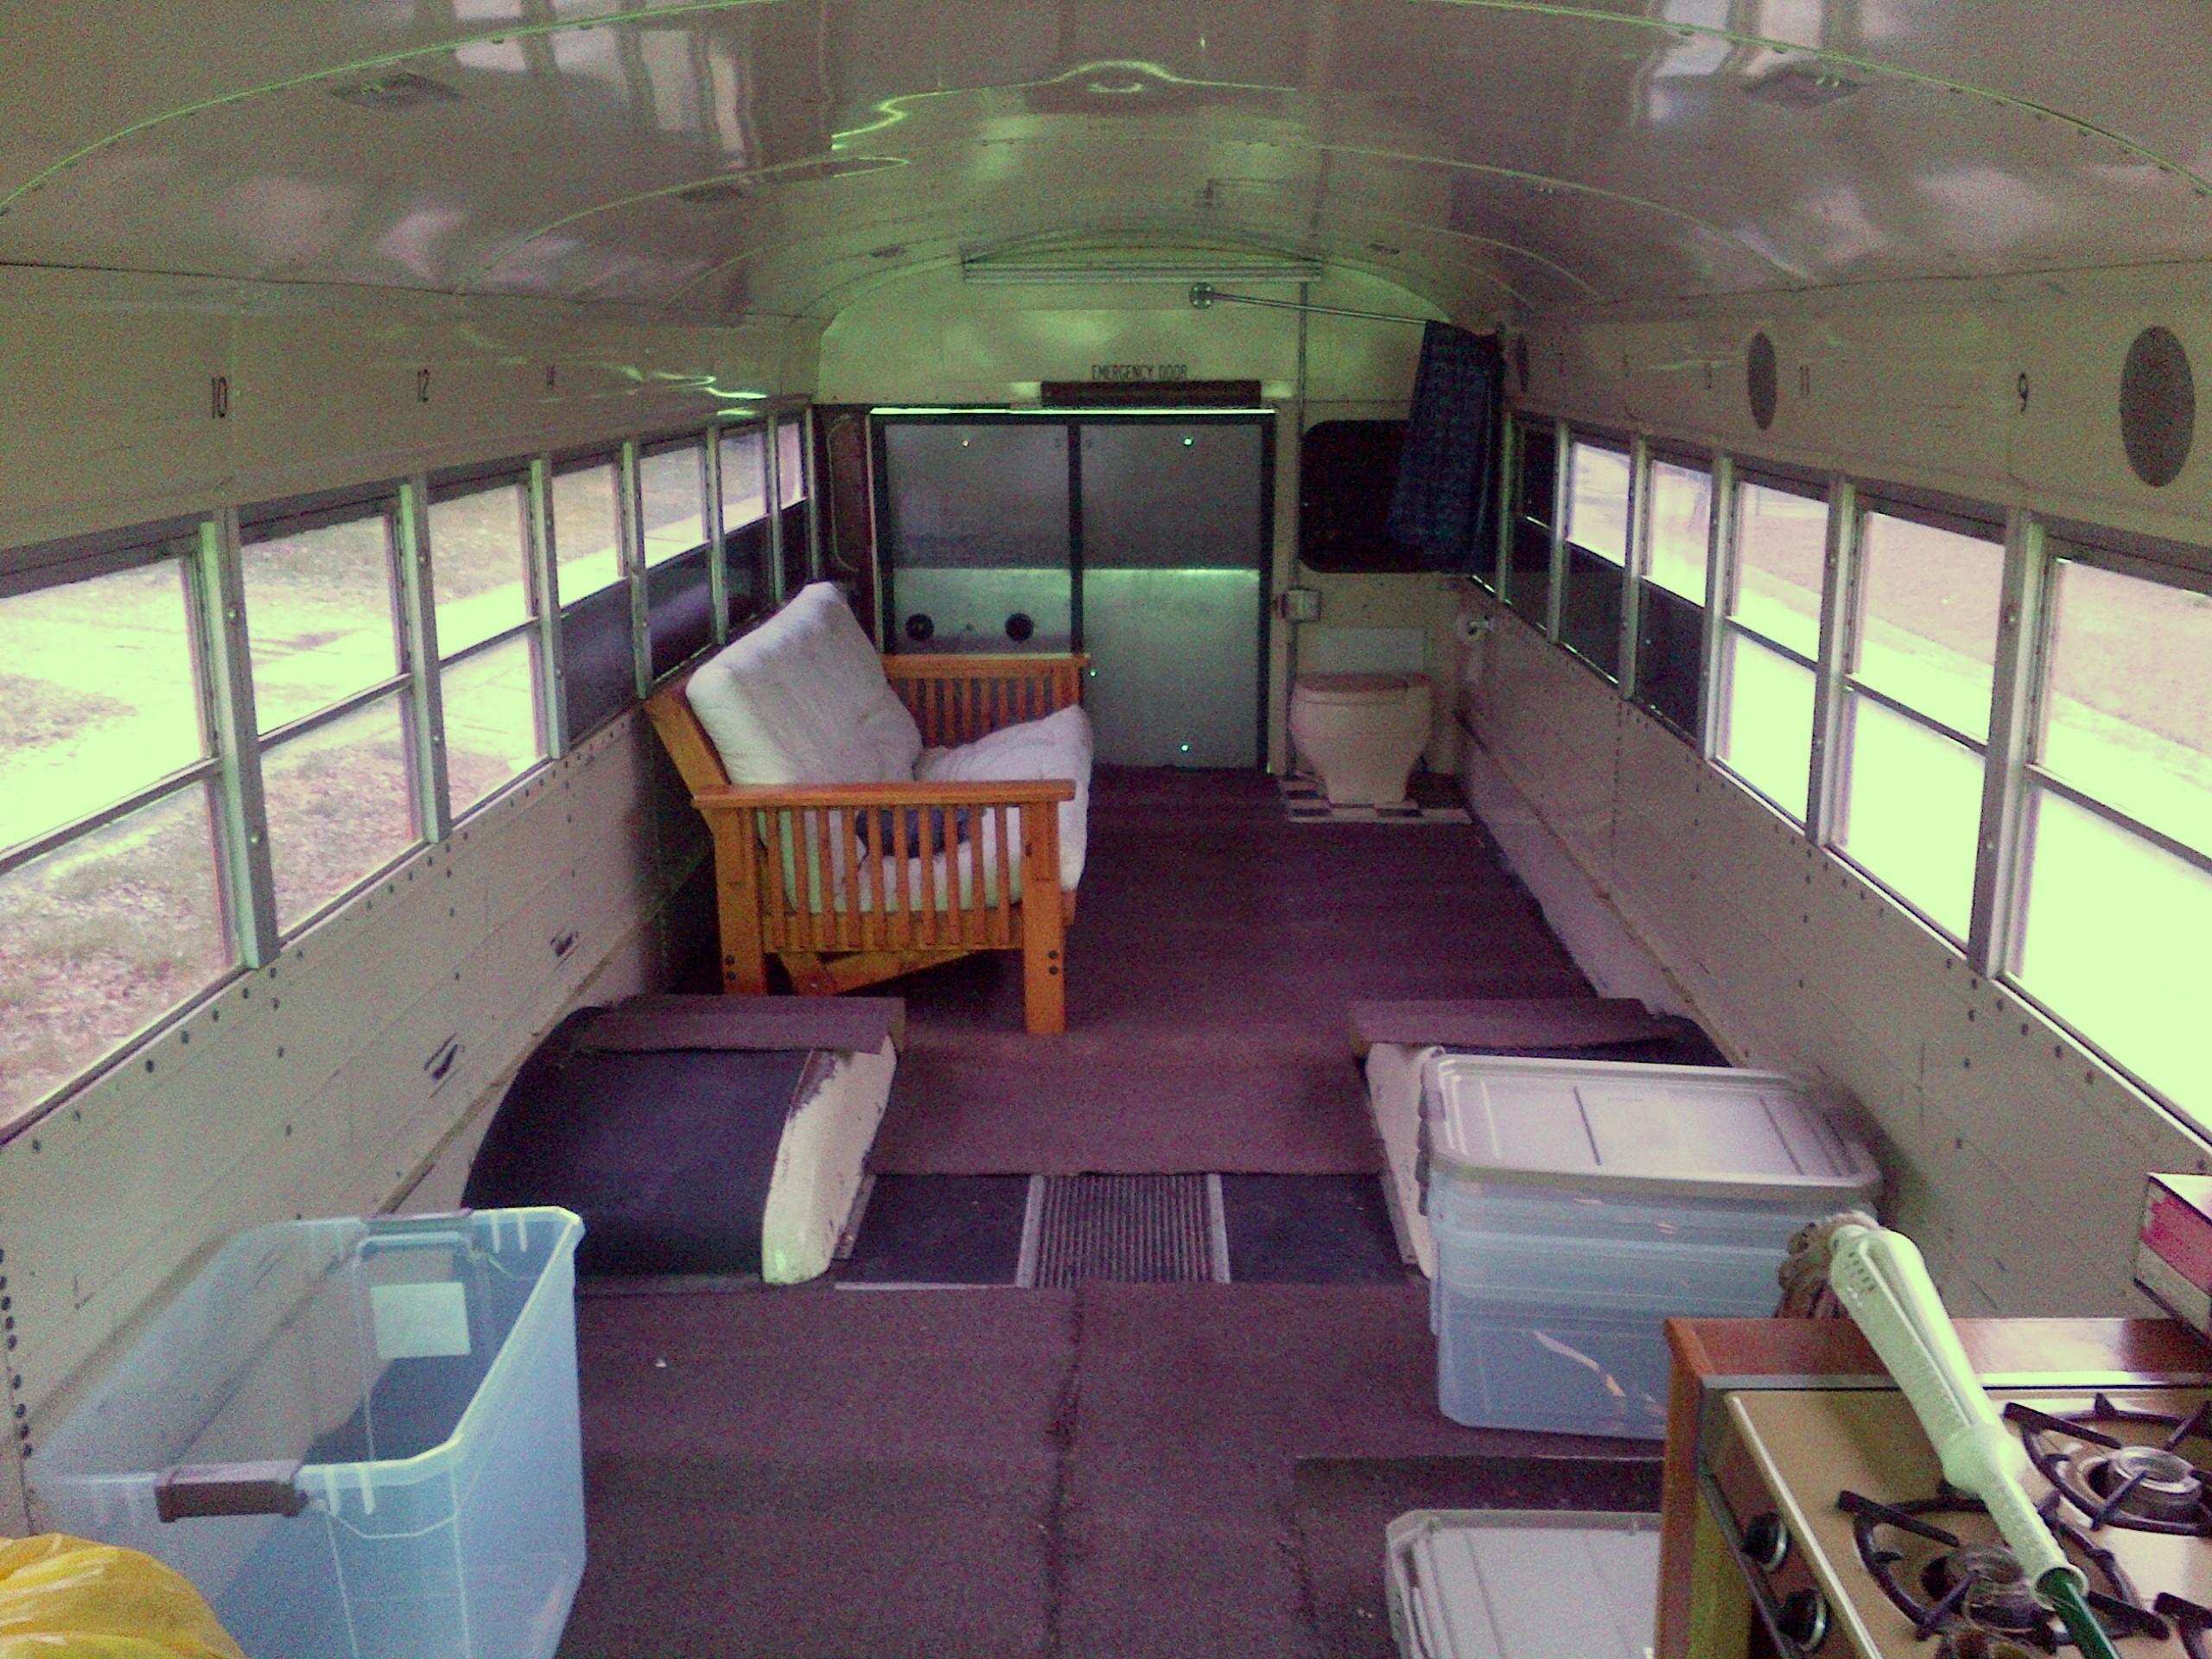 Schoolbus RV Conversion Interior Rearward View